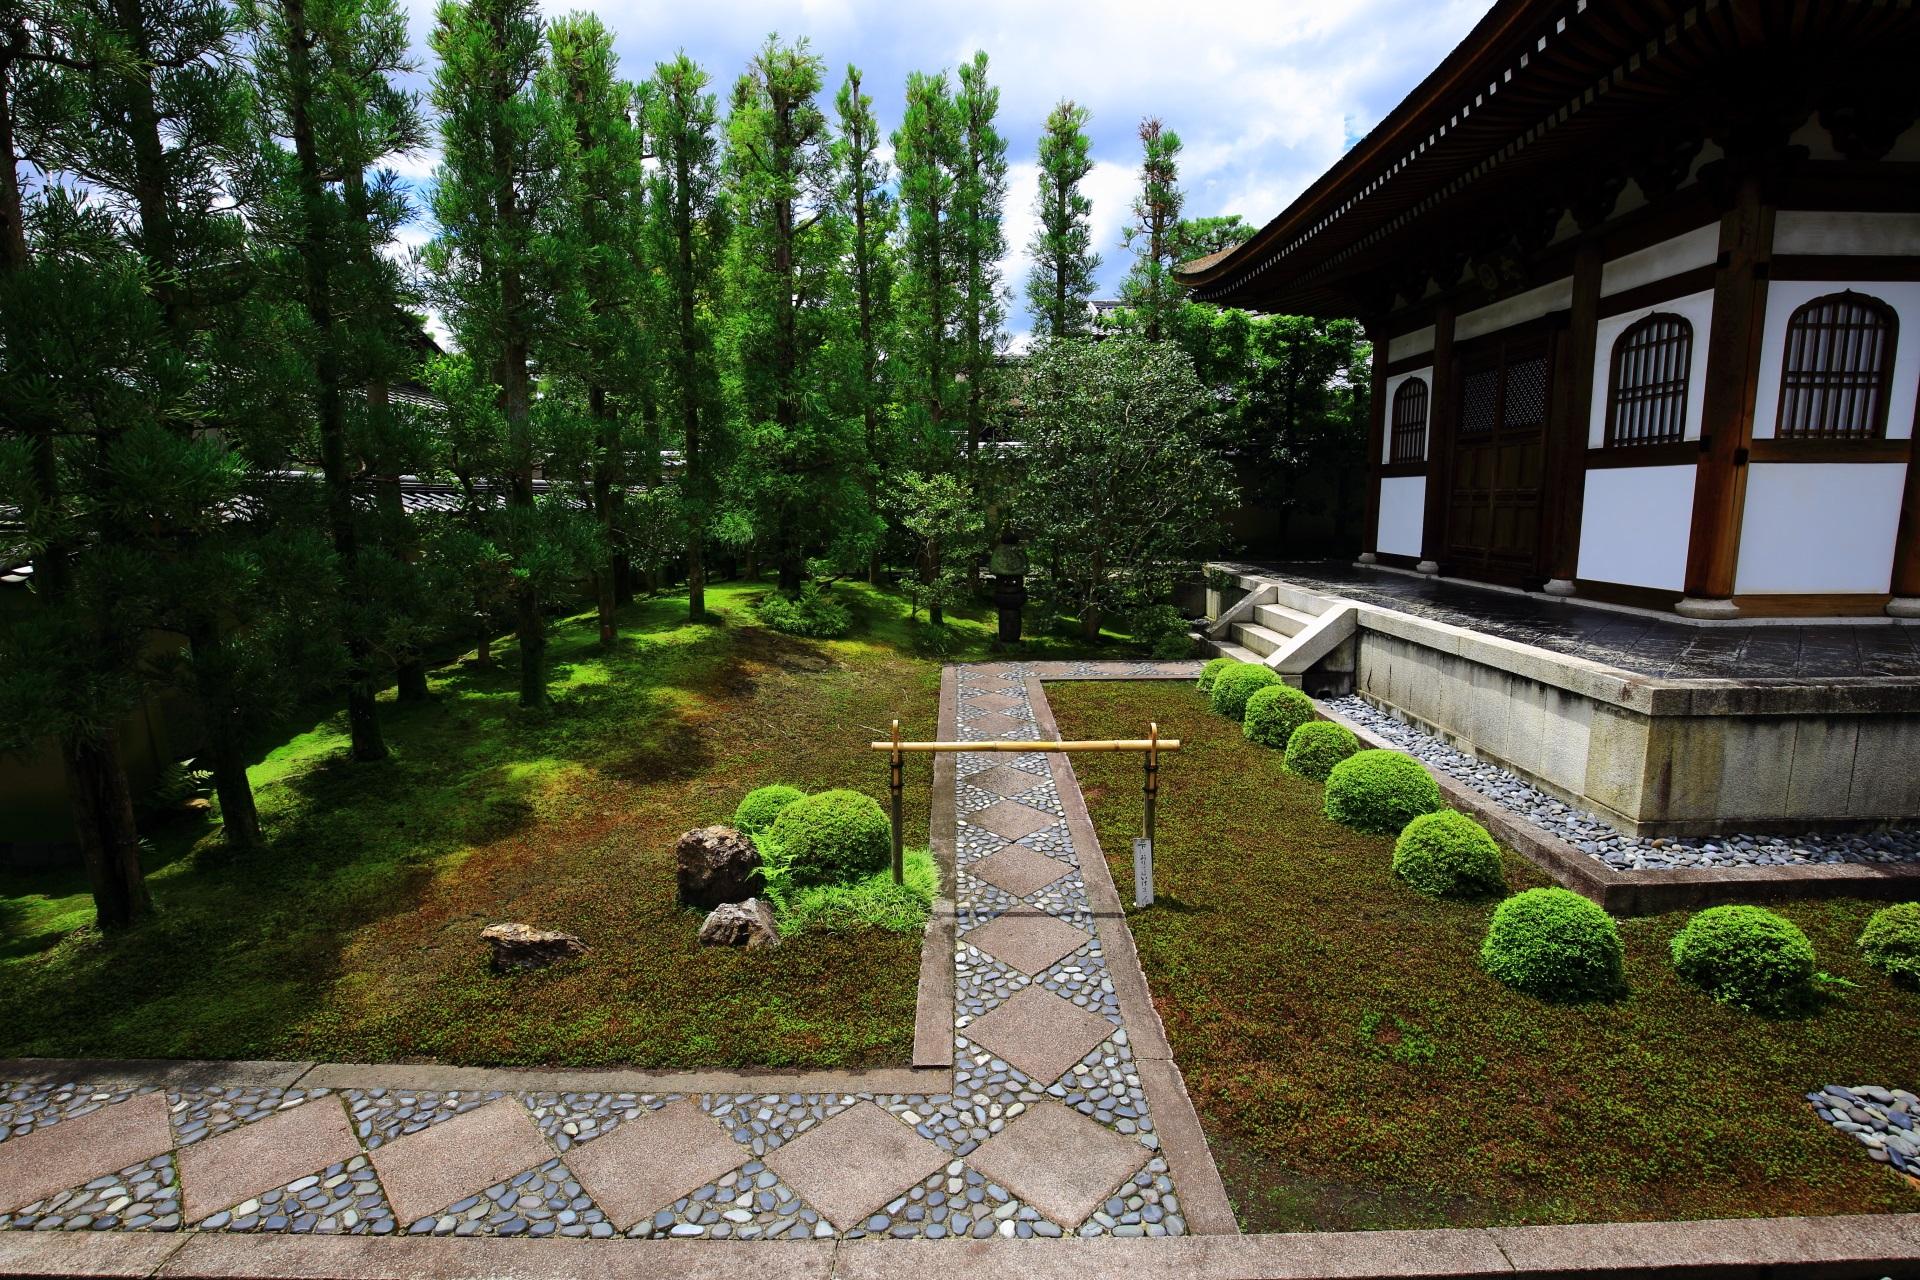 杉の木などの緑に囲まれた龍源院の開祖堂